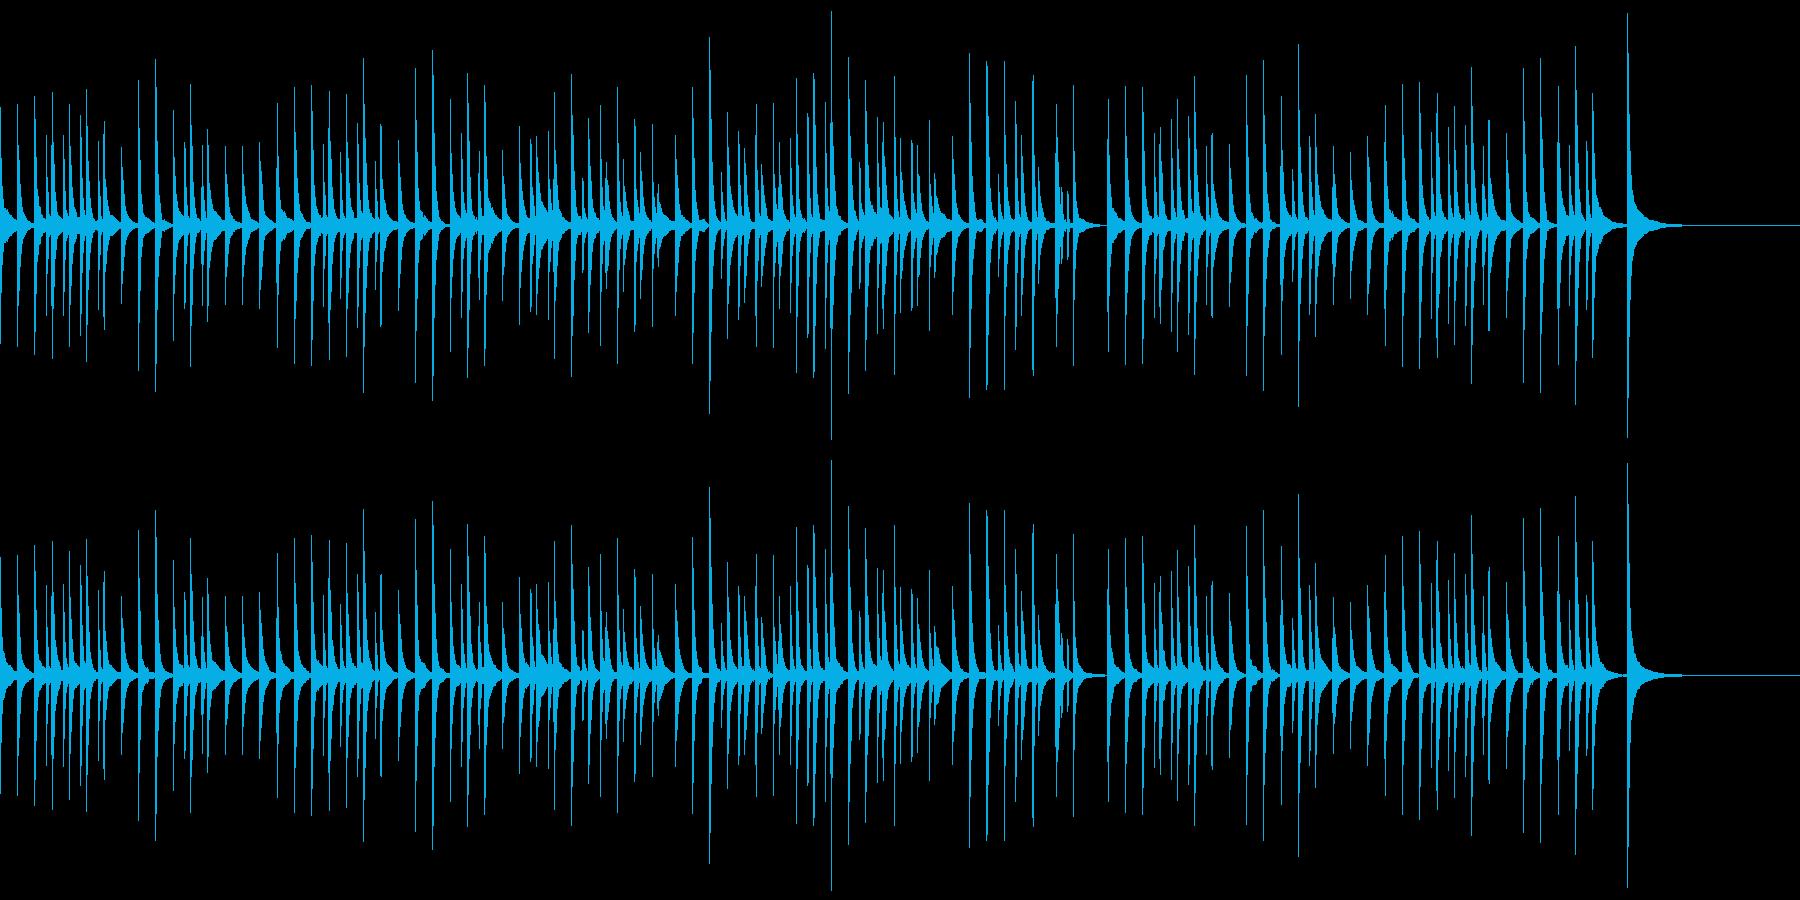 軽快で可愛らしい映像用木琴BGMの再生済みの波形